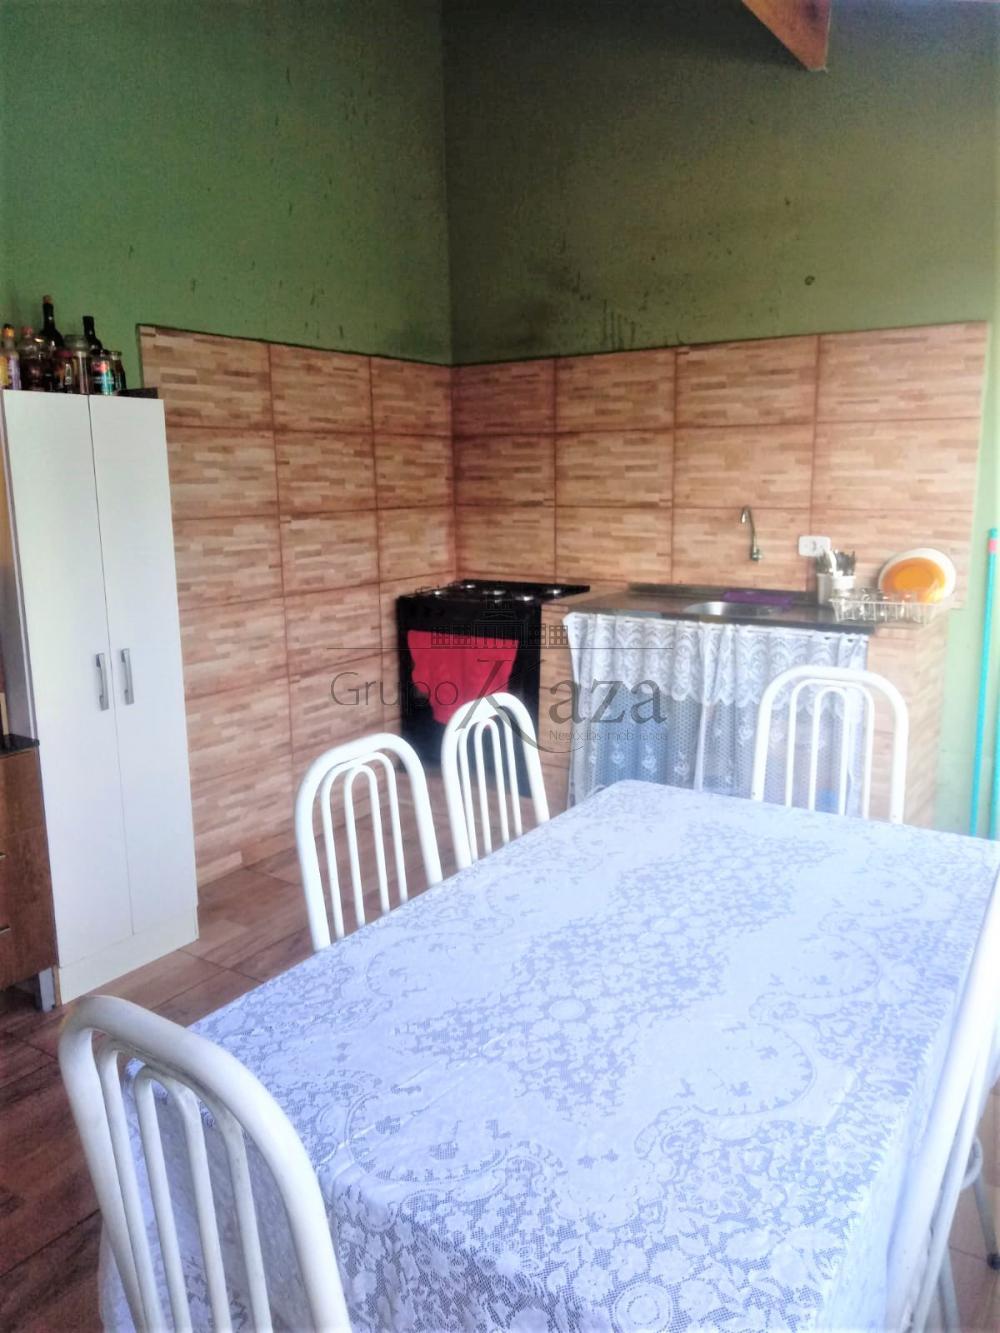 alt='Comprar Casa / Sobrado em São José dos Campos R$ 430.000,00 - Foto 8' title='Comprar Casa / Sobrado em São José dos Campos R$ 430.000,00 - Foto 8'